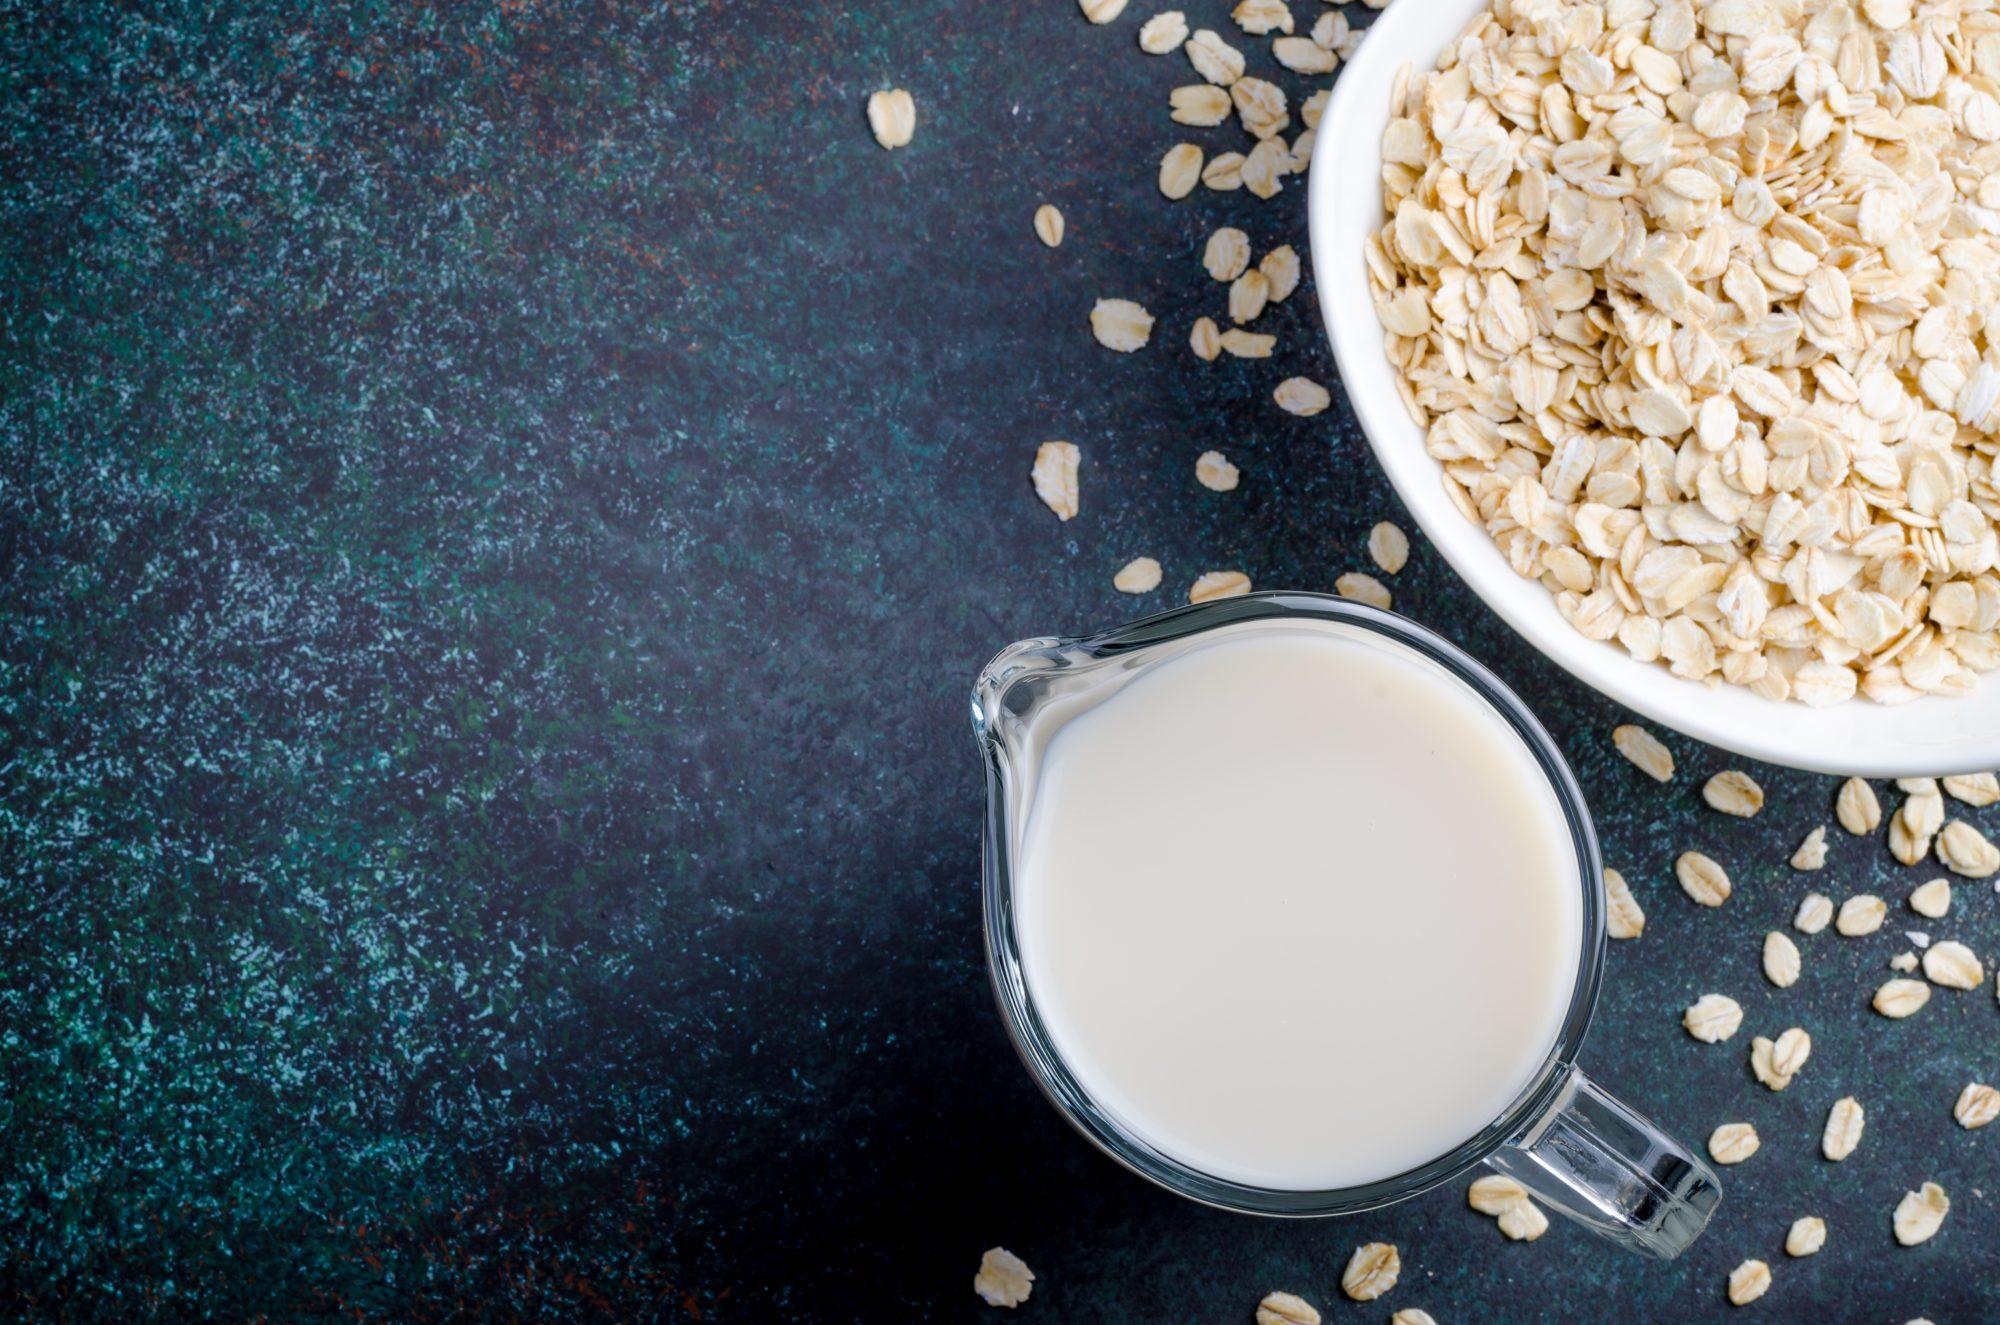 oat-milk-alternatives.jpg